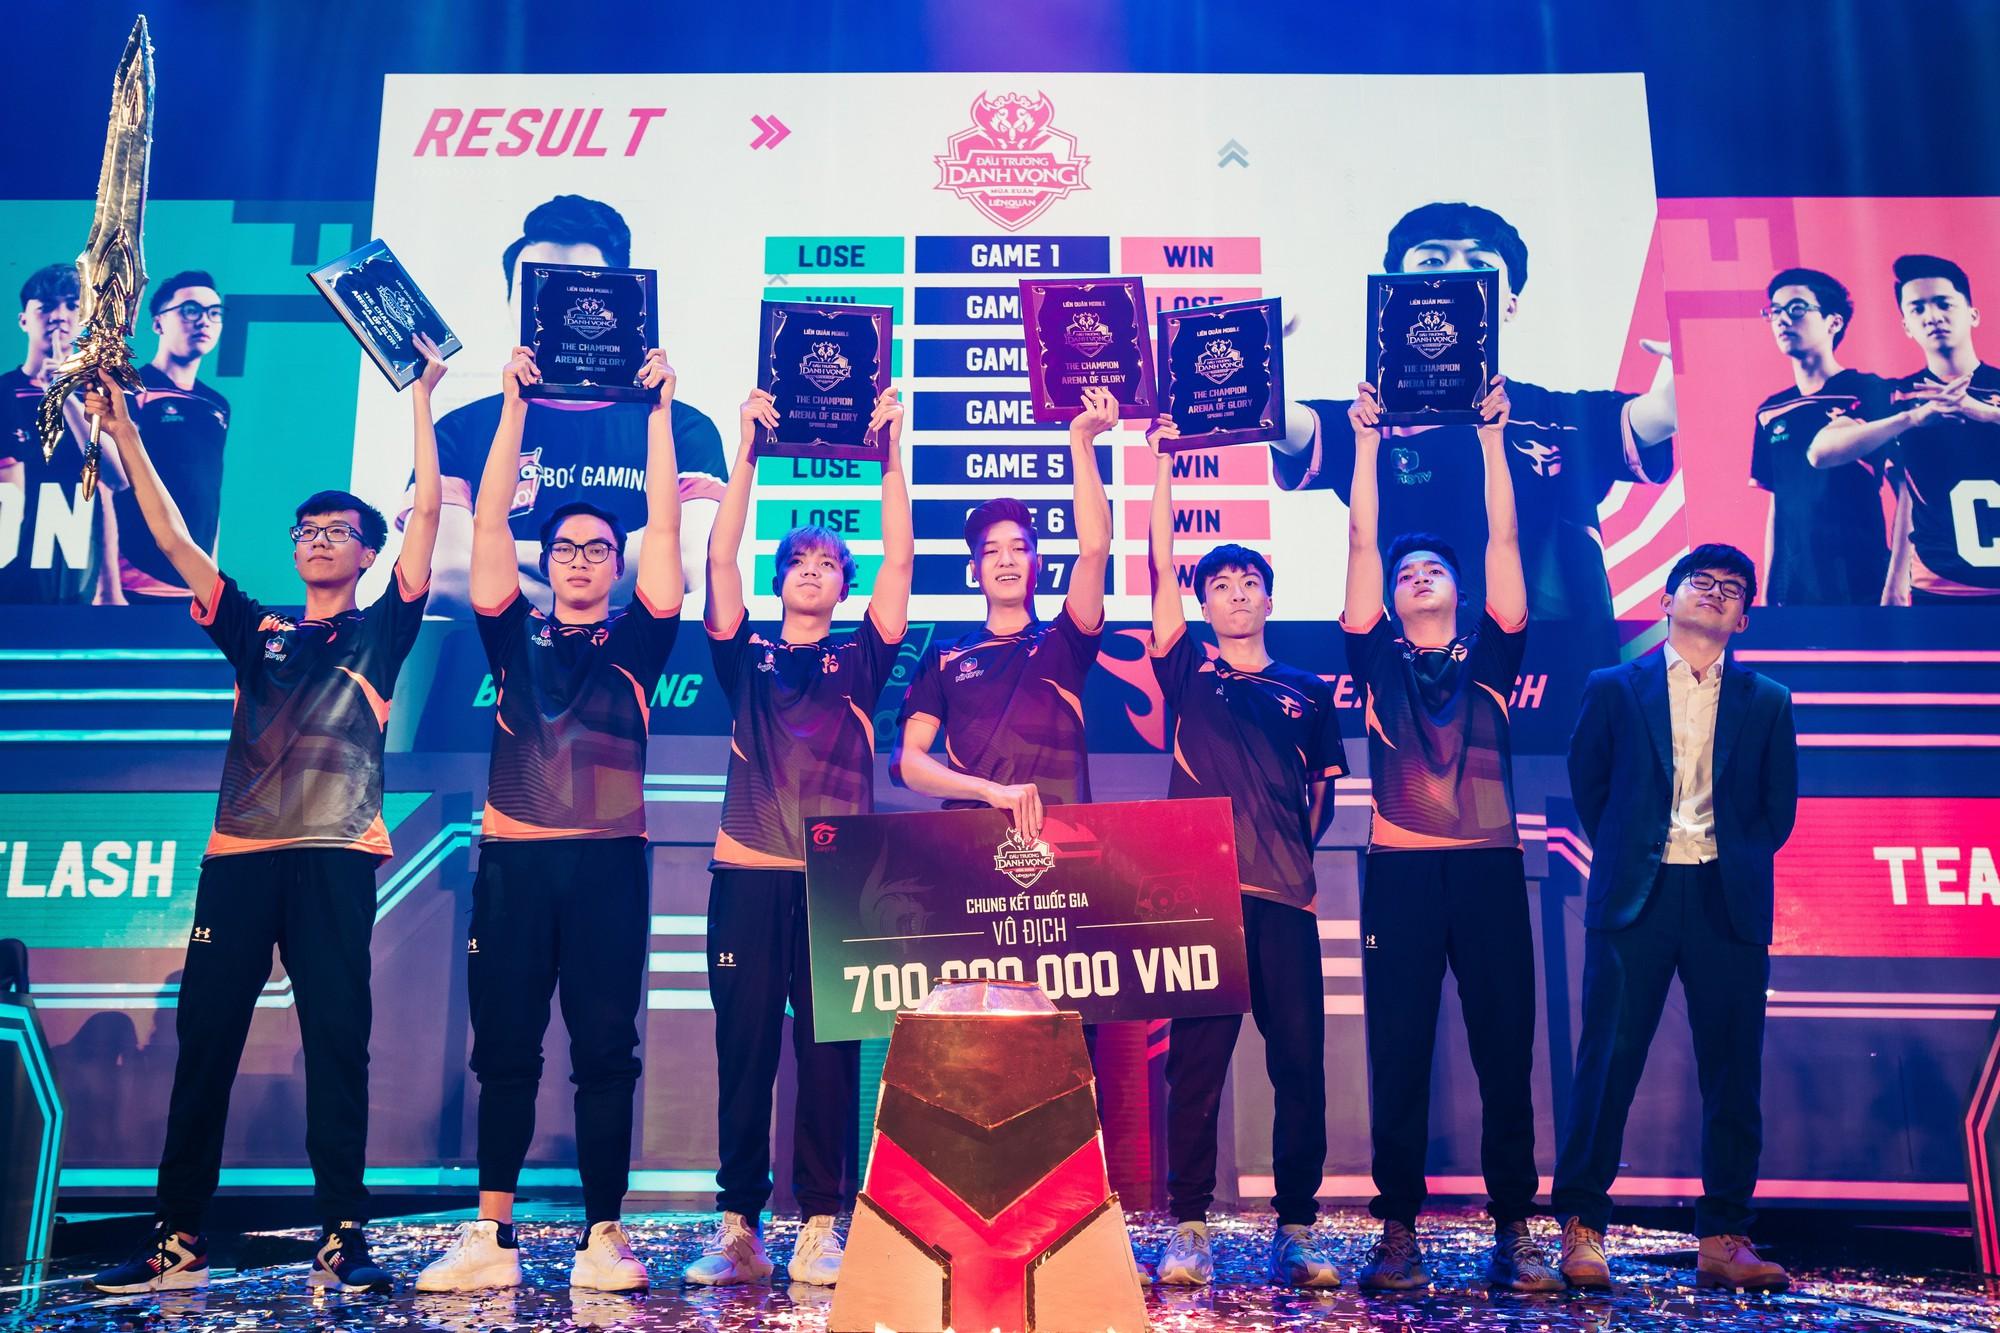 Giải đấu Liên Quân Mobile lớn nhất thế giới tổ chức tại Việt Nam chốt hạ ngày bốc thăm - Ảnh 2.